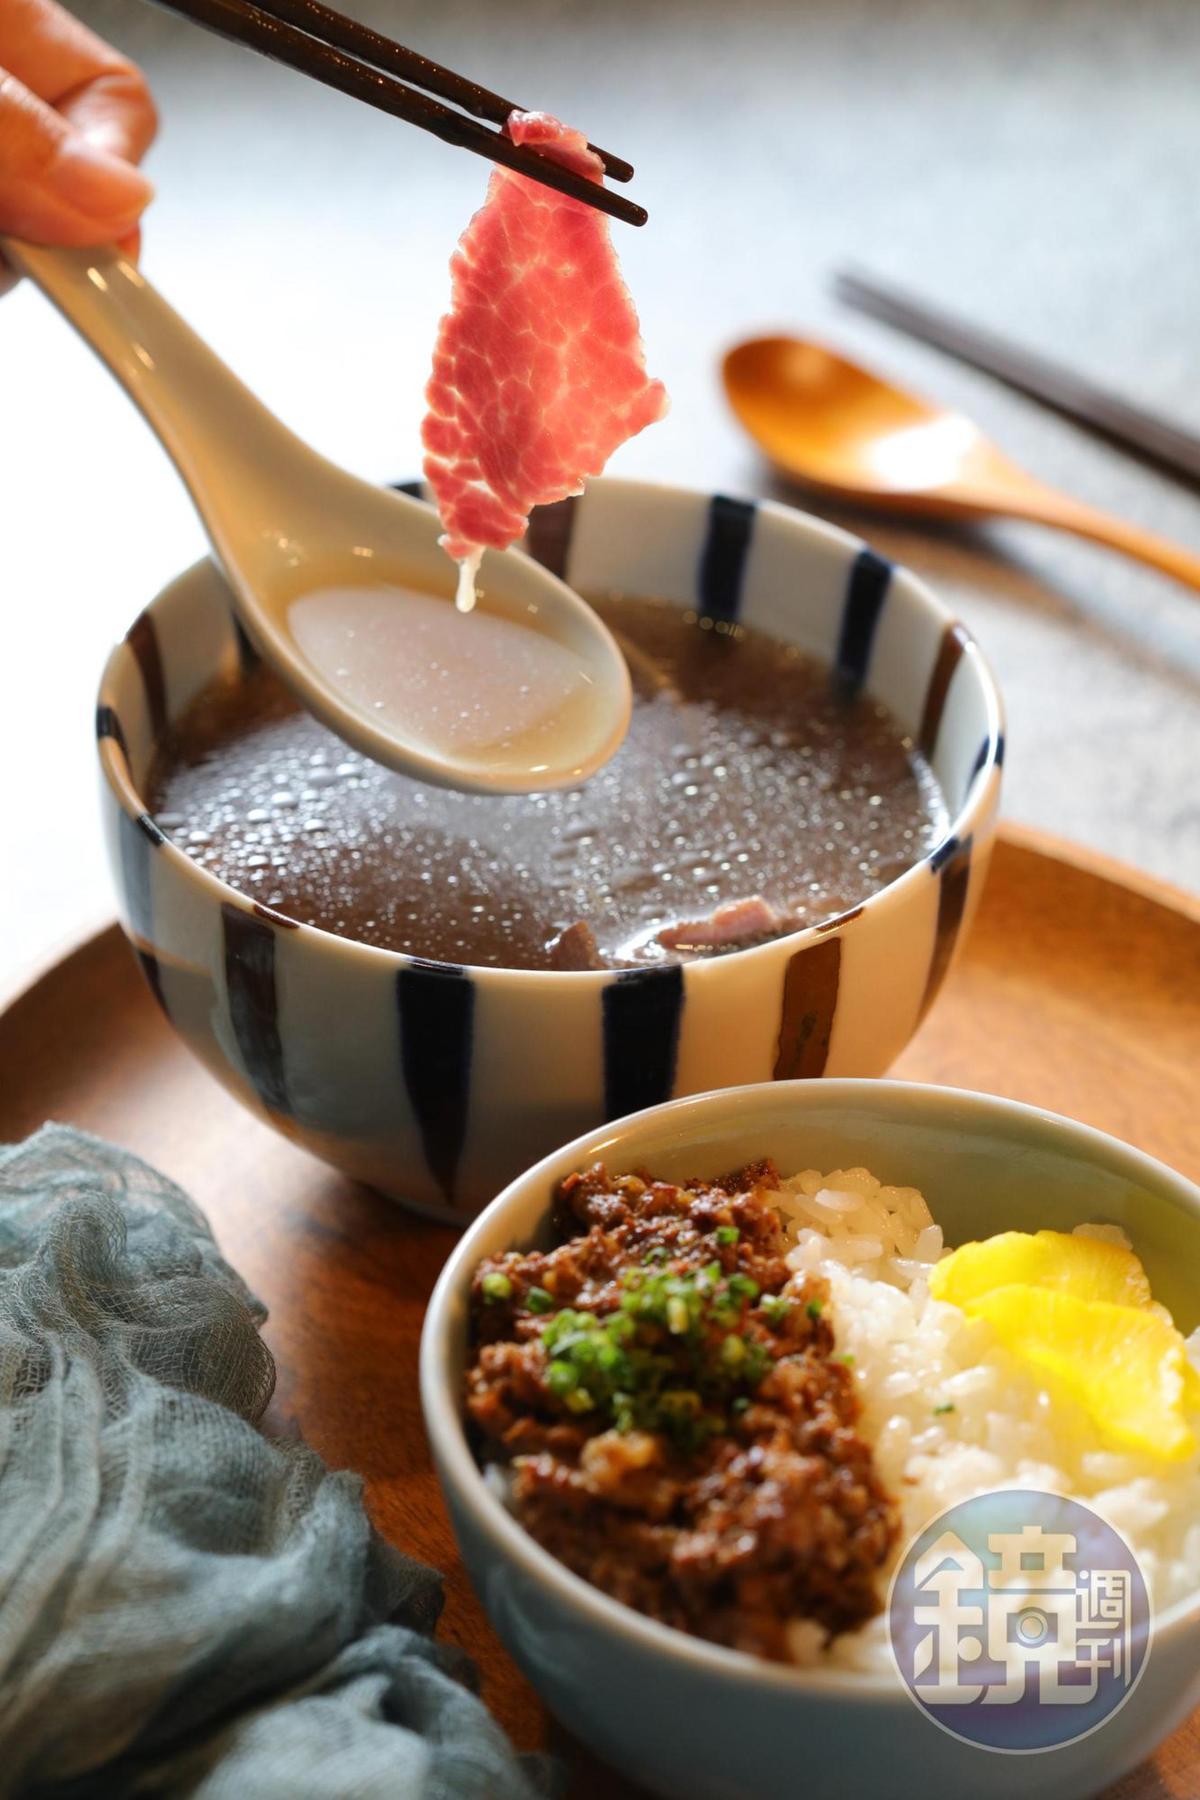 「五蔵牛燥飯」(30元/碗)用純牛腩做肉臊,與現燙的「新鮮牛肉湯」(100元/小碗)是絕配。